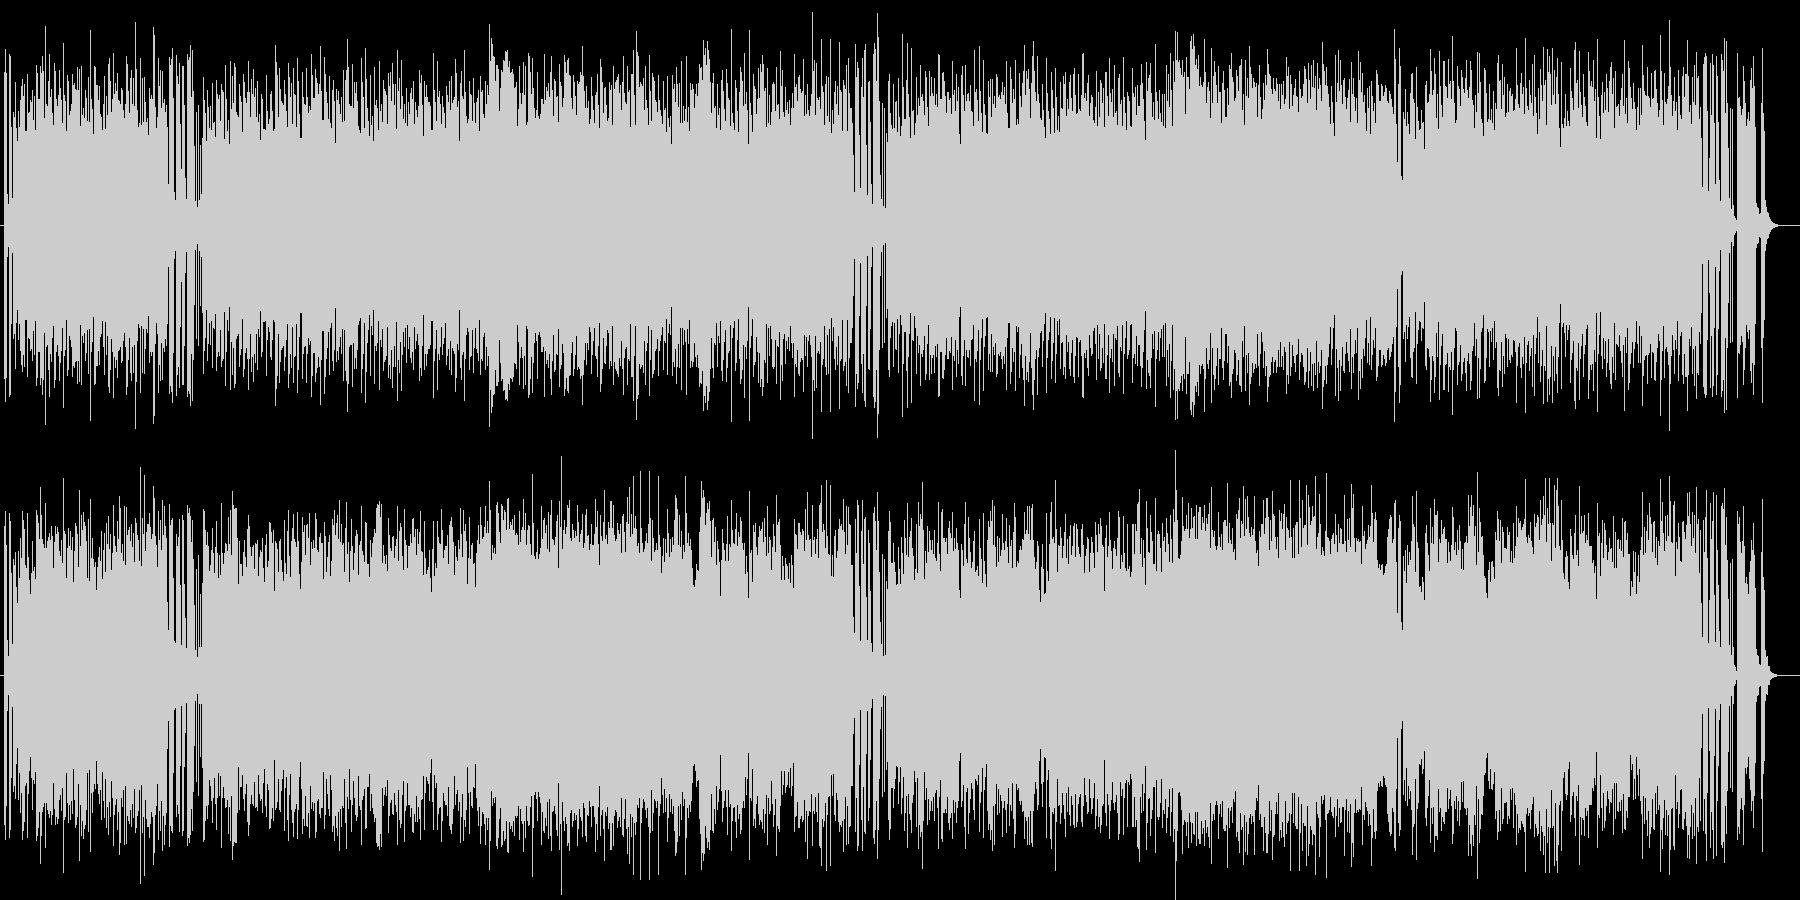 明るく爽やかなシンセサイザーサウンドの未再生の波形